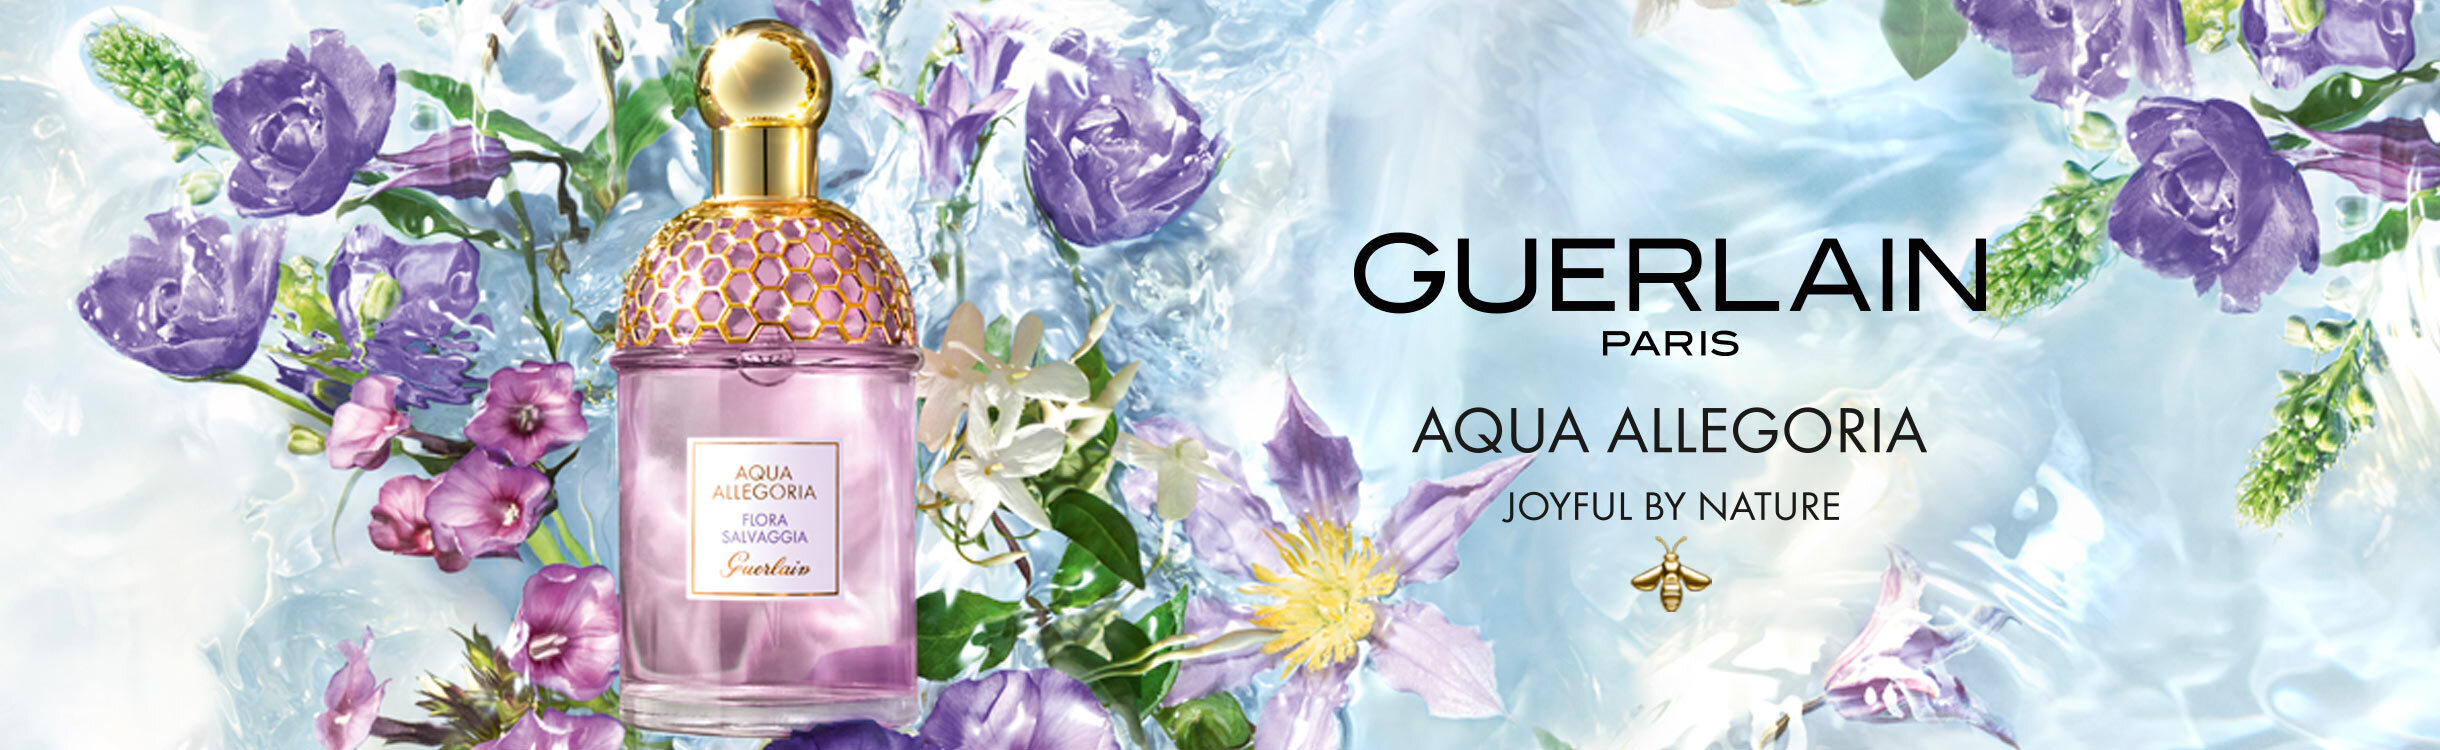 Perfumes e Perfumaria Guerlain Femininos